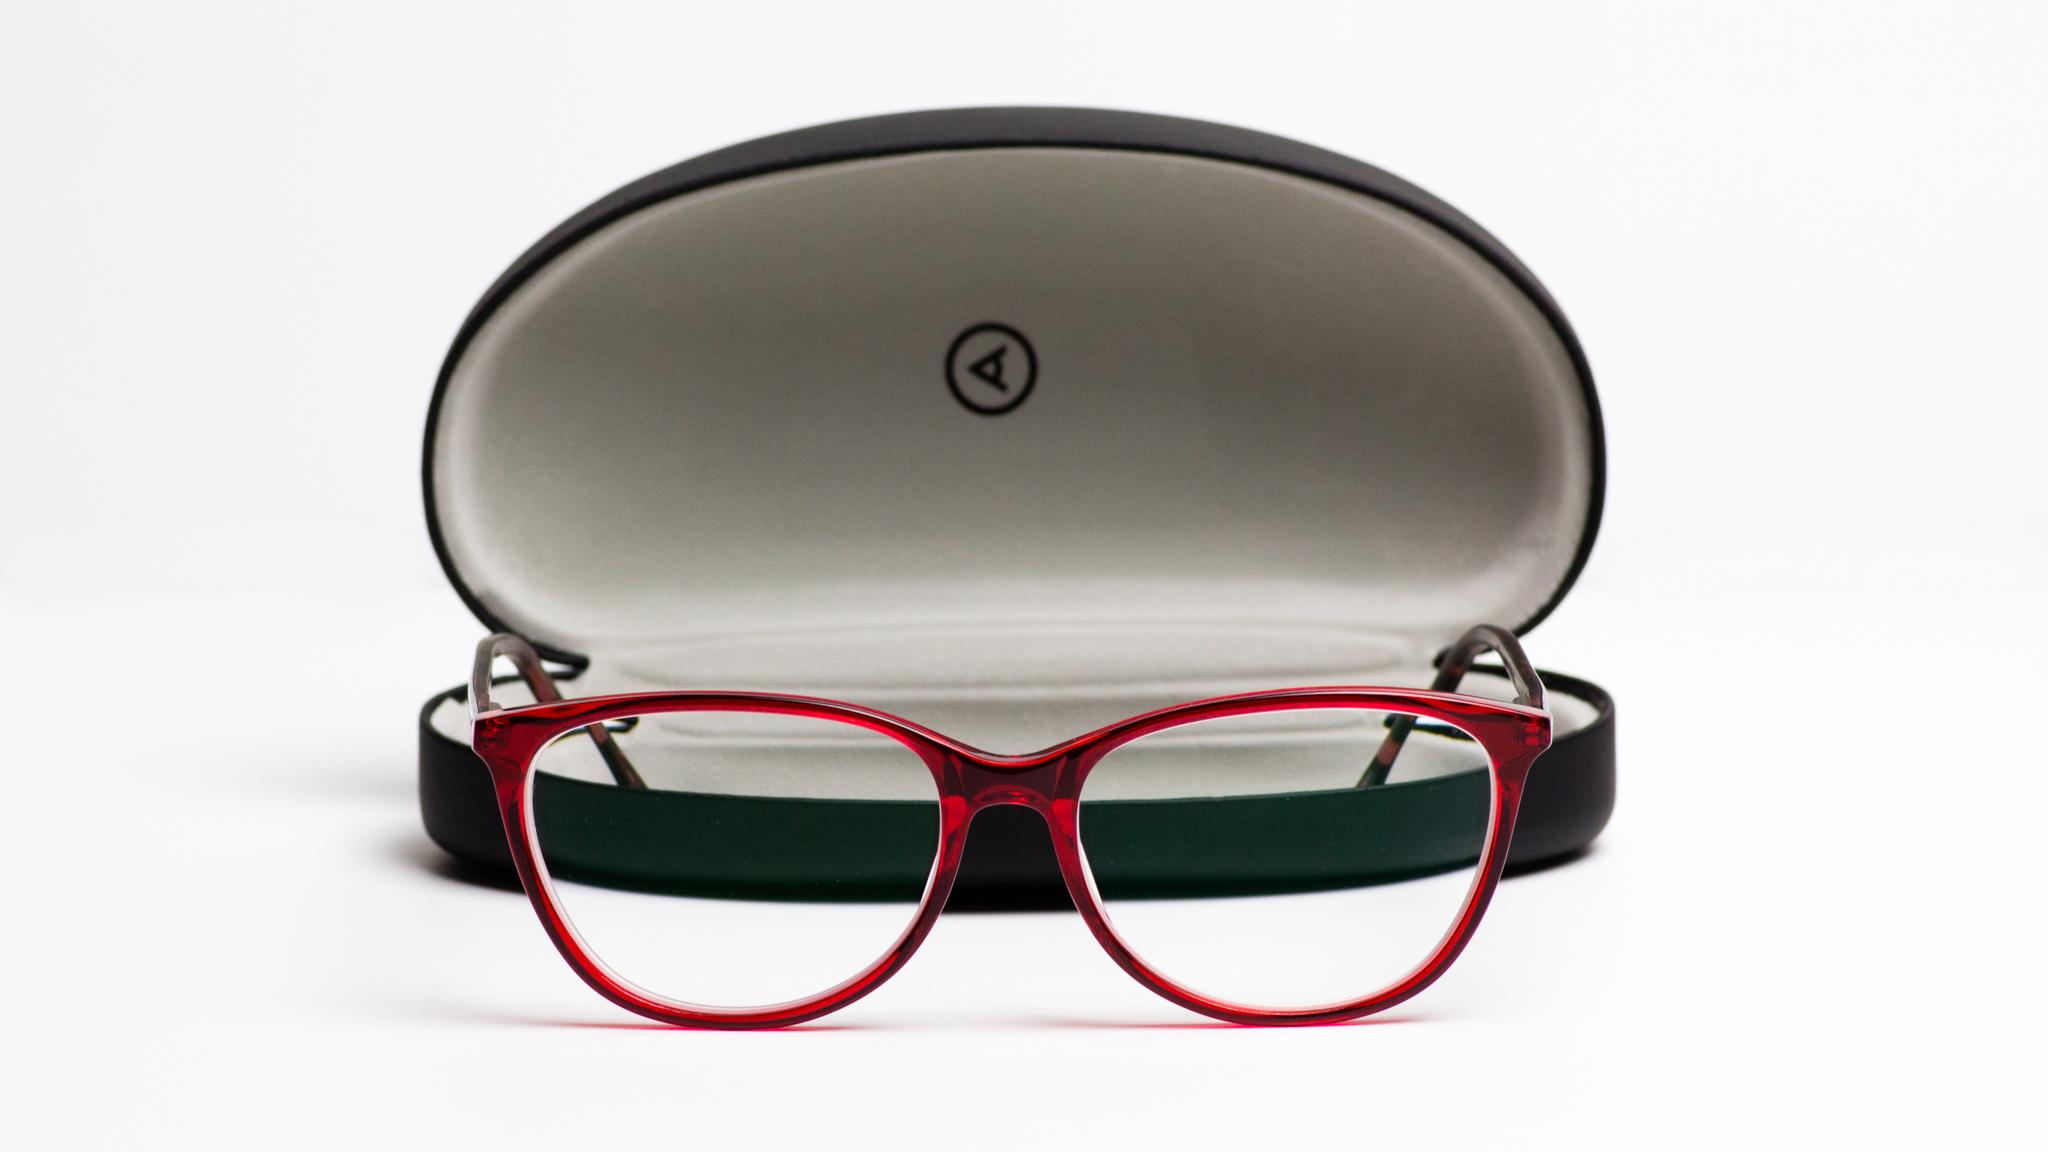 Ginger-Me-Glam-Ottica-Sponsored-Review-Red-Glasses.jpg